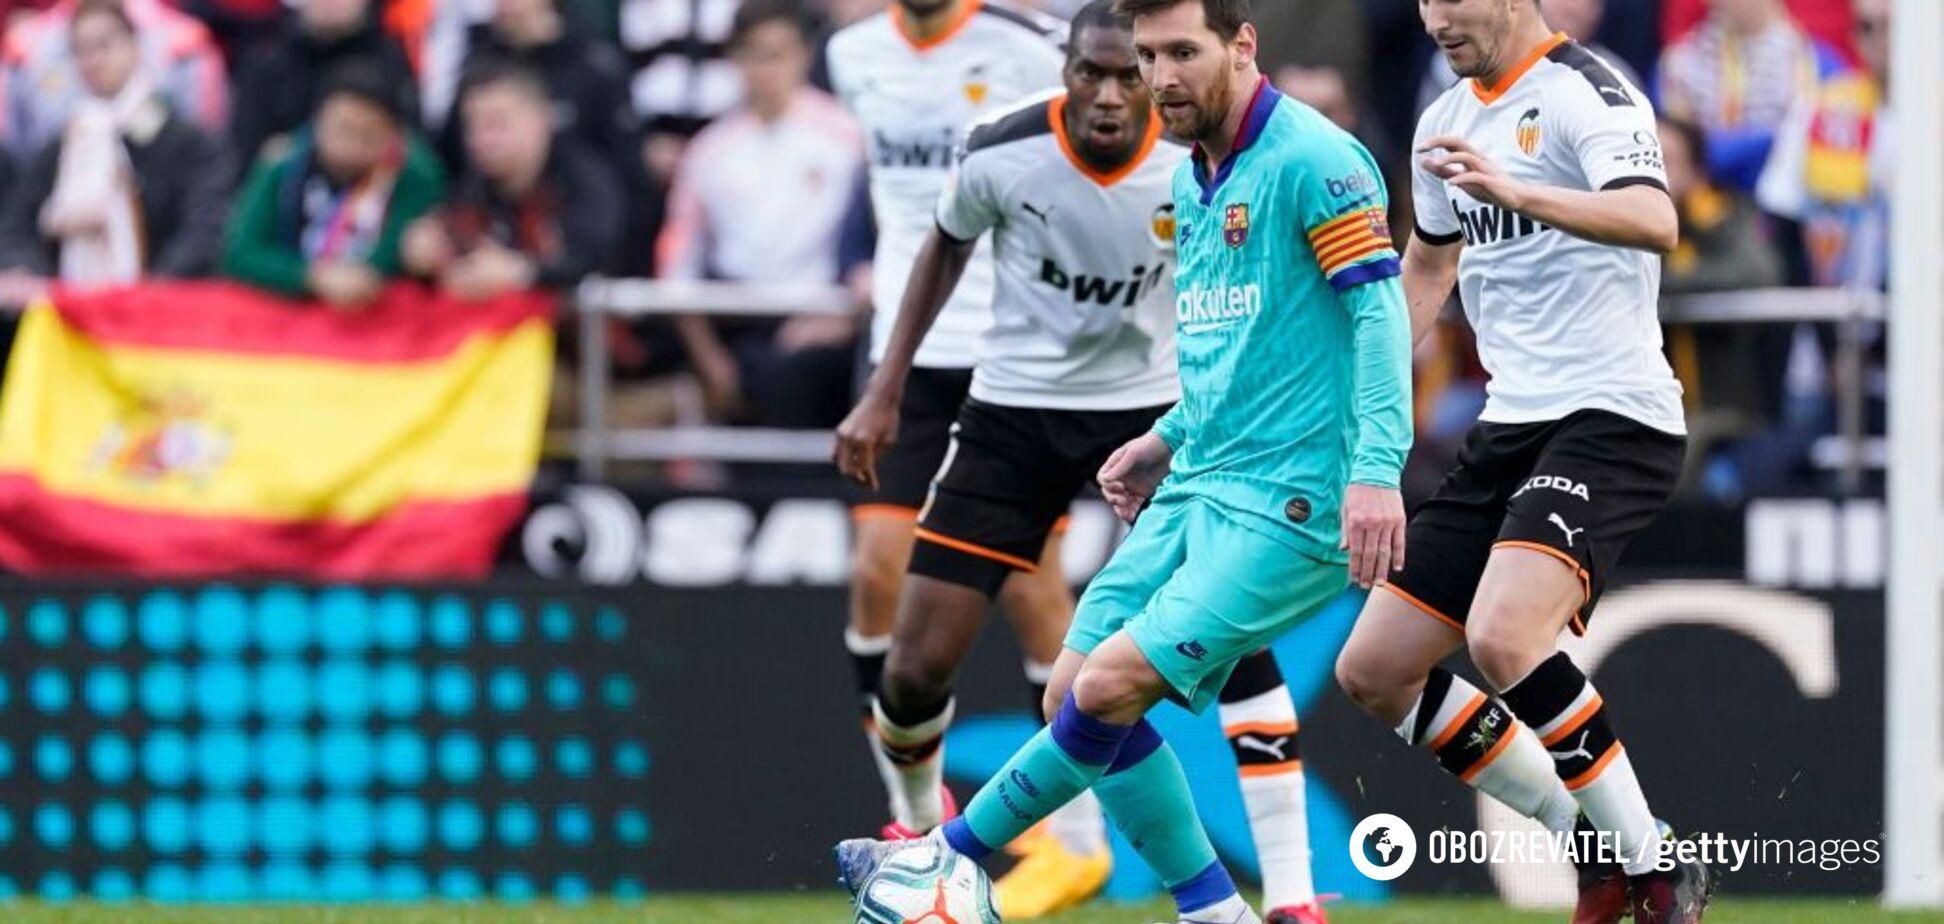 Вперше! 'Барселона' зазнала несподіваної поразки